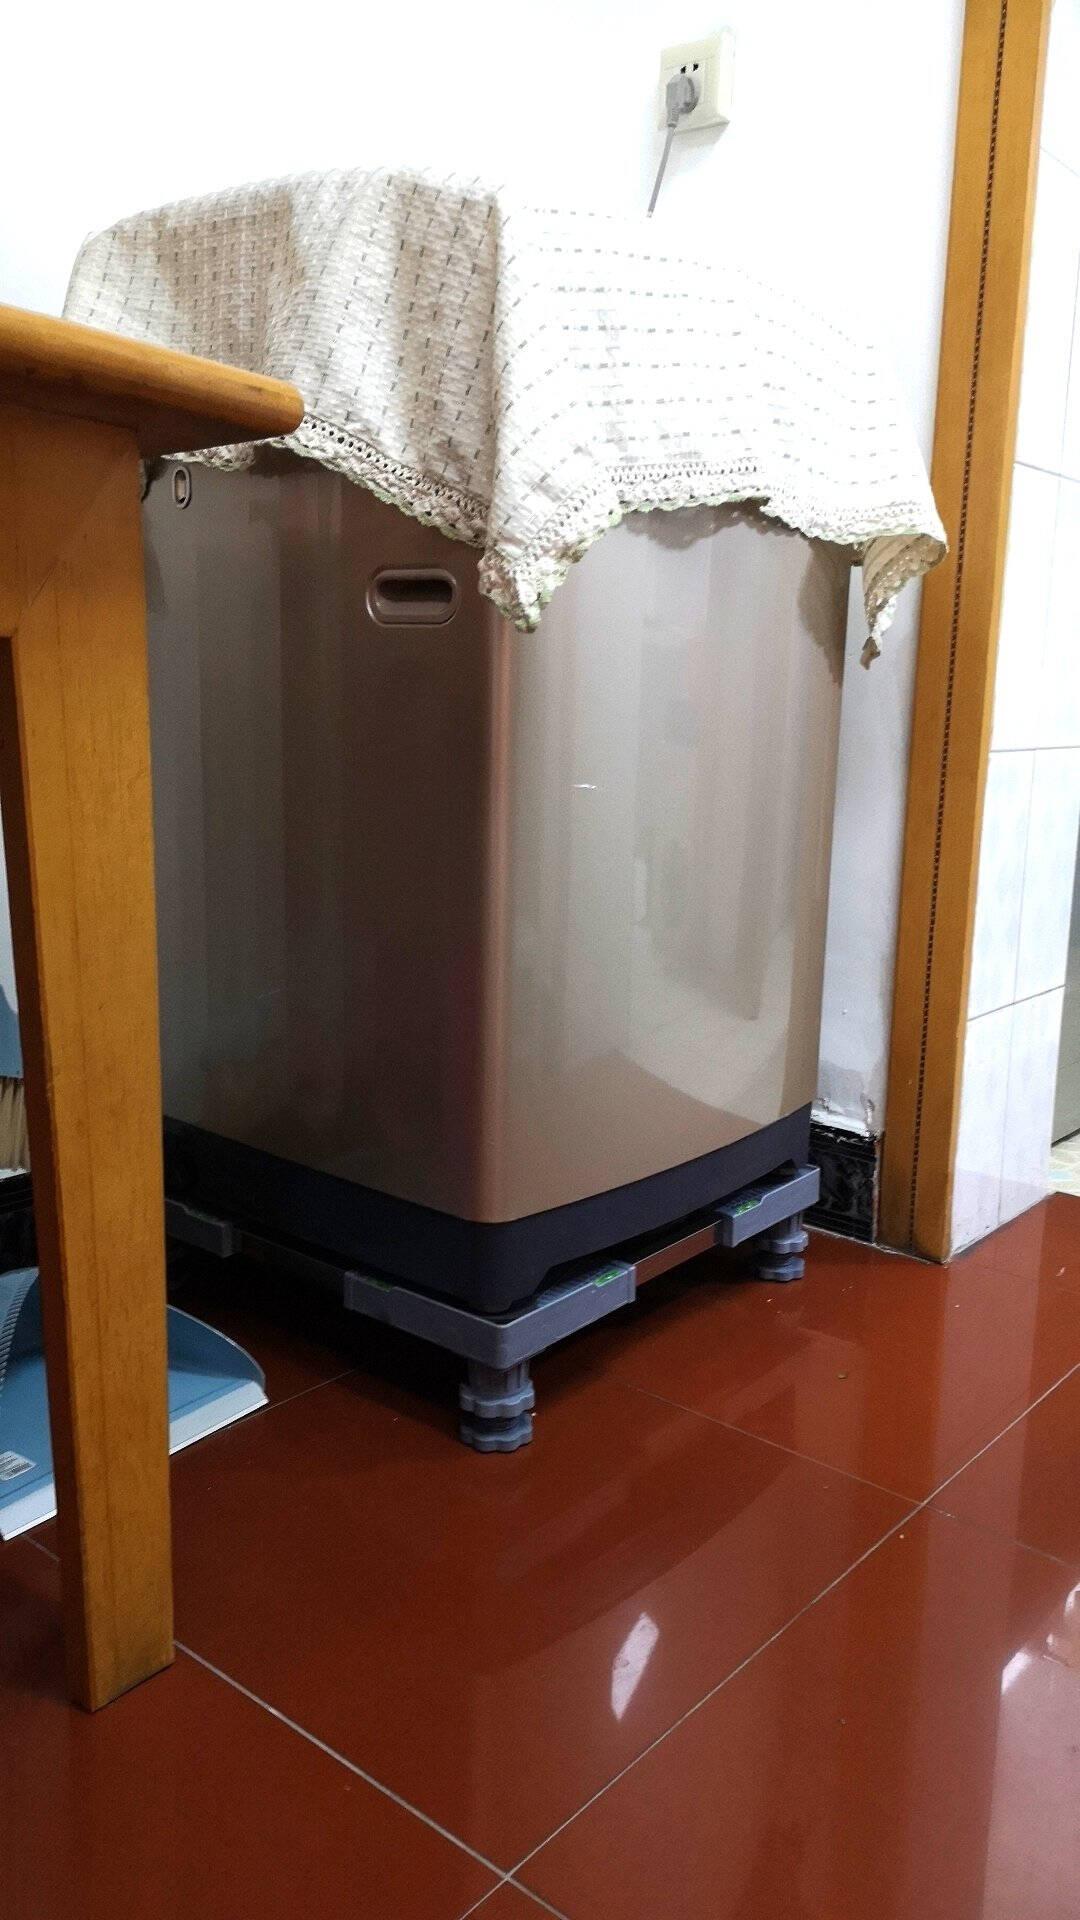 全自动洗衣机底座托架移动万向轮波轮滚筒通用置物架冰箱空调架子小秋家C款固定八脚